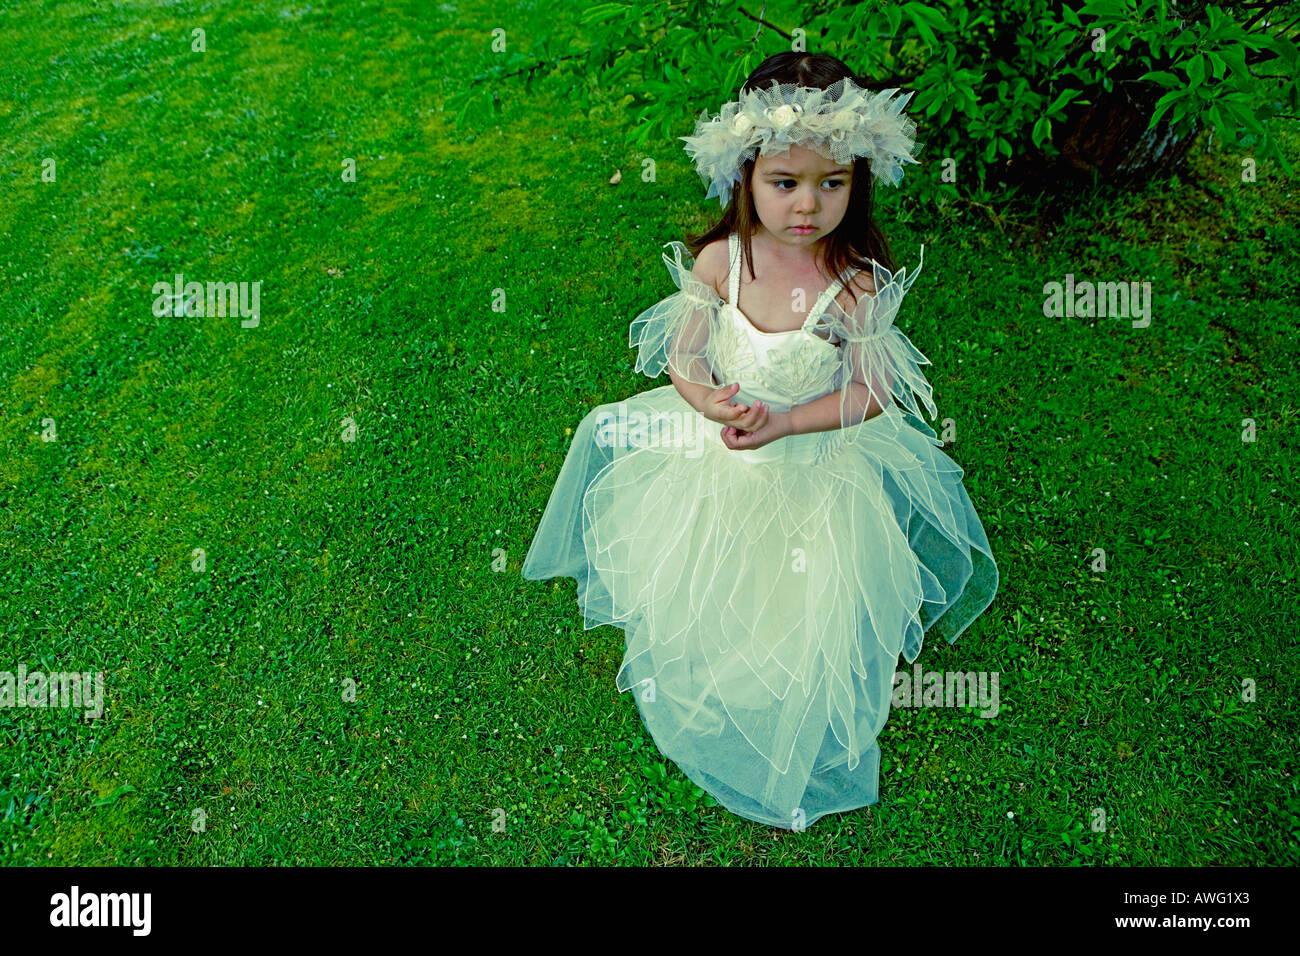 Bambina di 3 anni in una damigella abito sotto un albero su un verde prato Immagini Stock